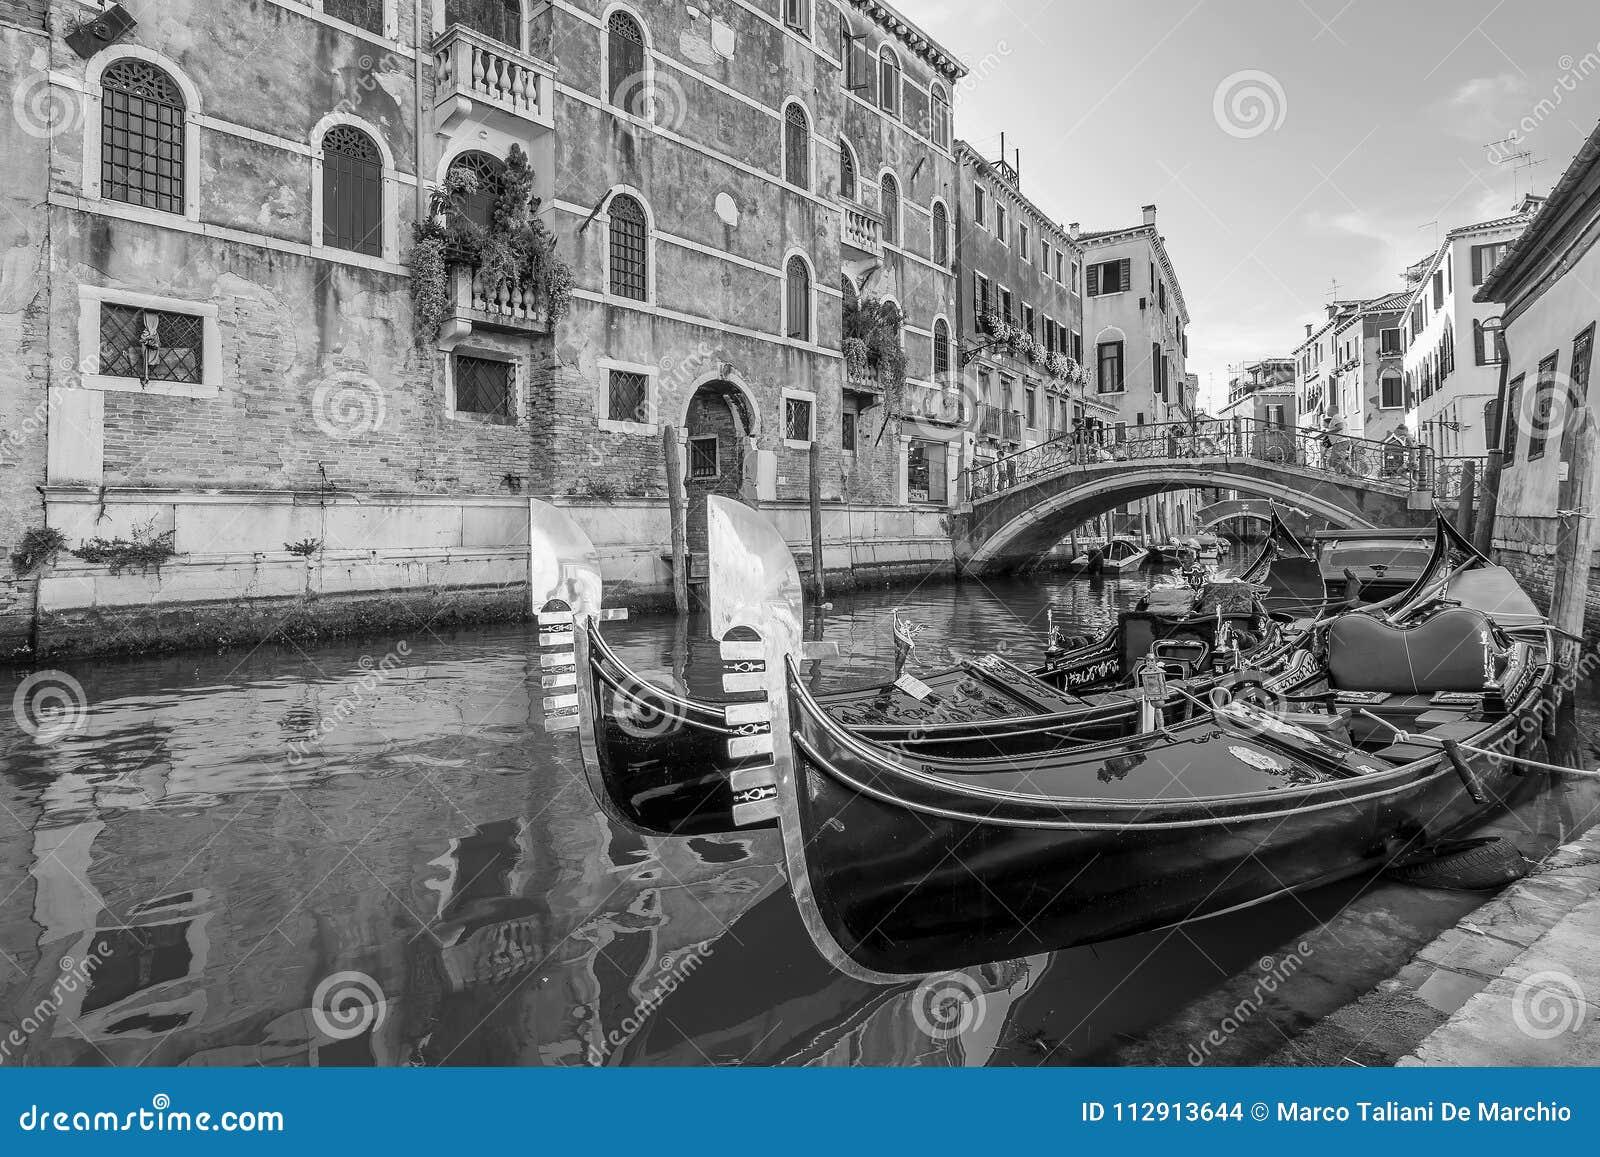 La vista blanco y negro de góndolas típicas parqueó en un canal veneciano, Venecia, Italia